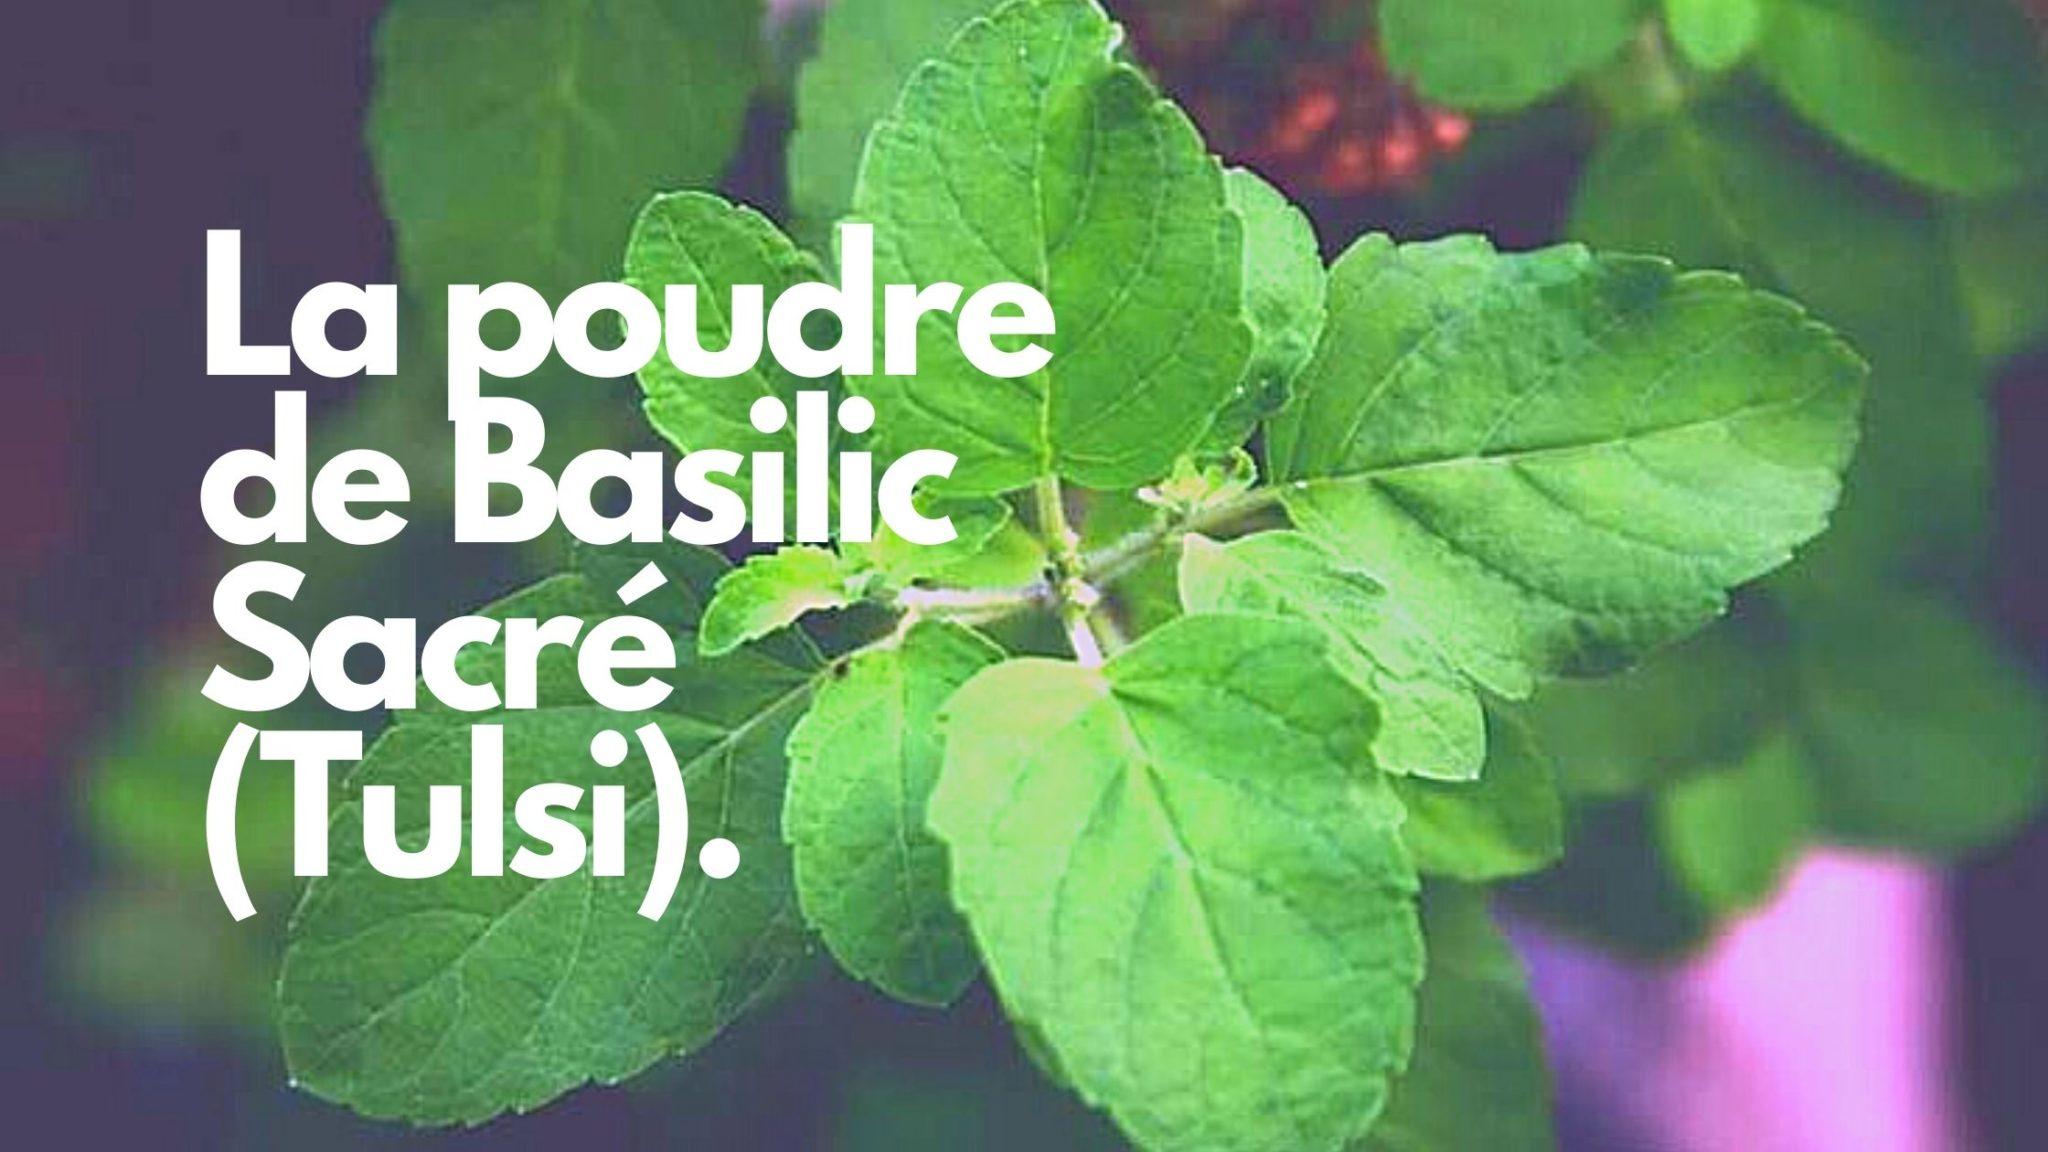 La poudre basilic sacré : un actif purifiant puissant